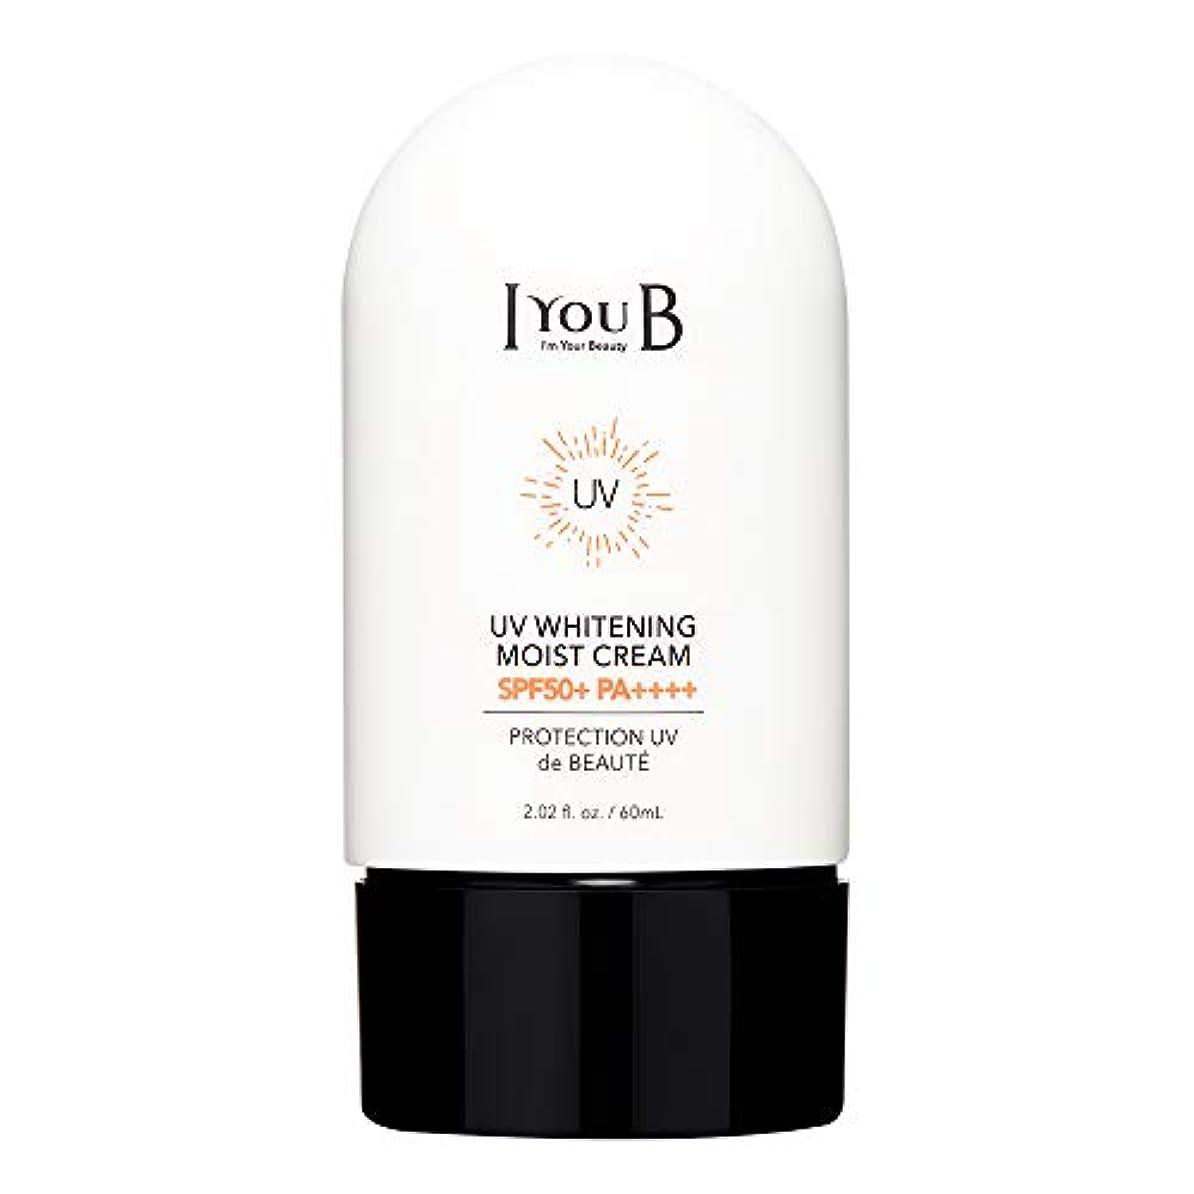 浪費増強抽選[アイユビ]UVホワイトニングモイストクリーム 50+ PA++++60ml/2oz,[IYOUB] UV Whitening Moist Cream SPF 50+ PA++++60ml/2oz